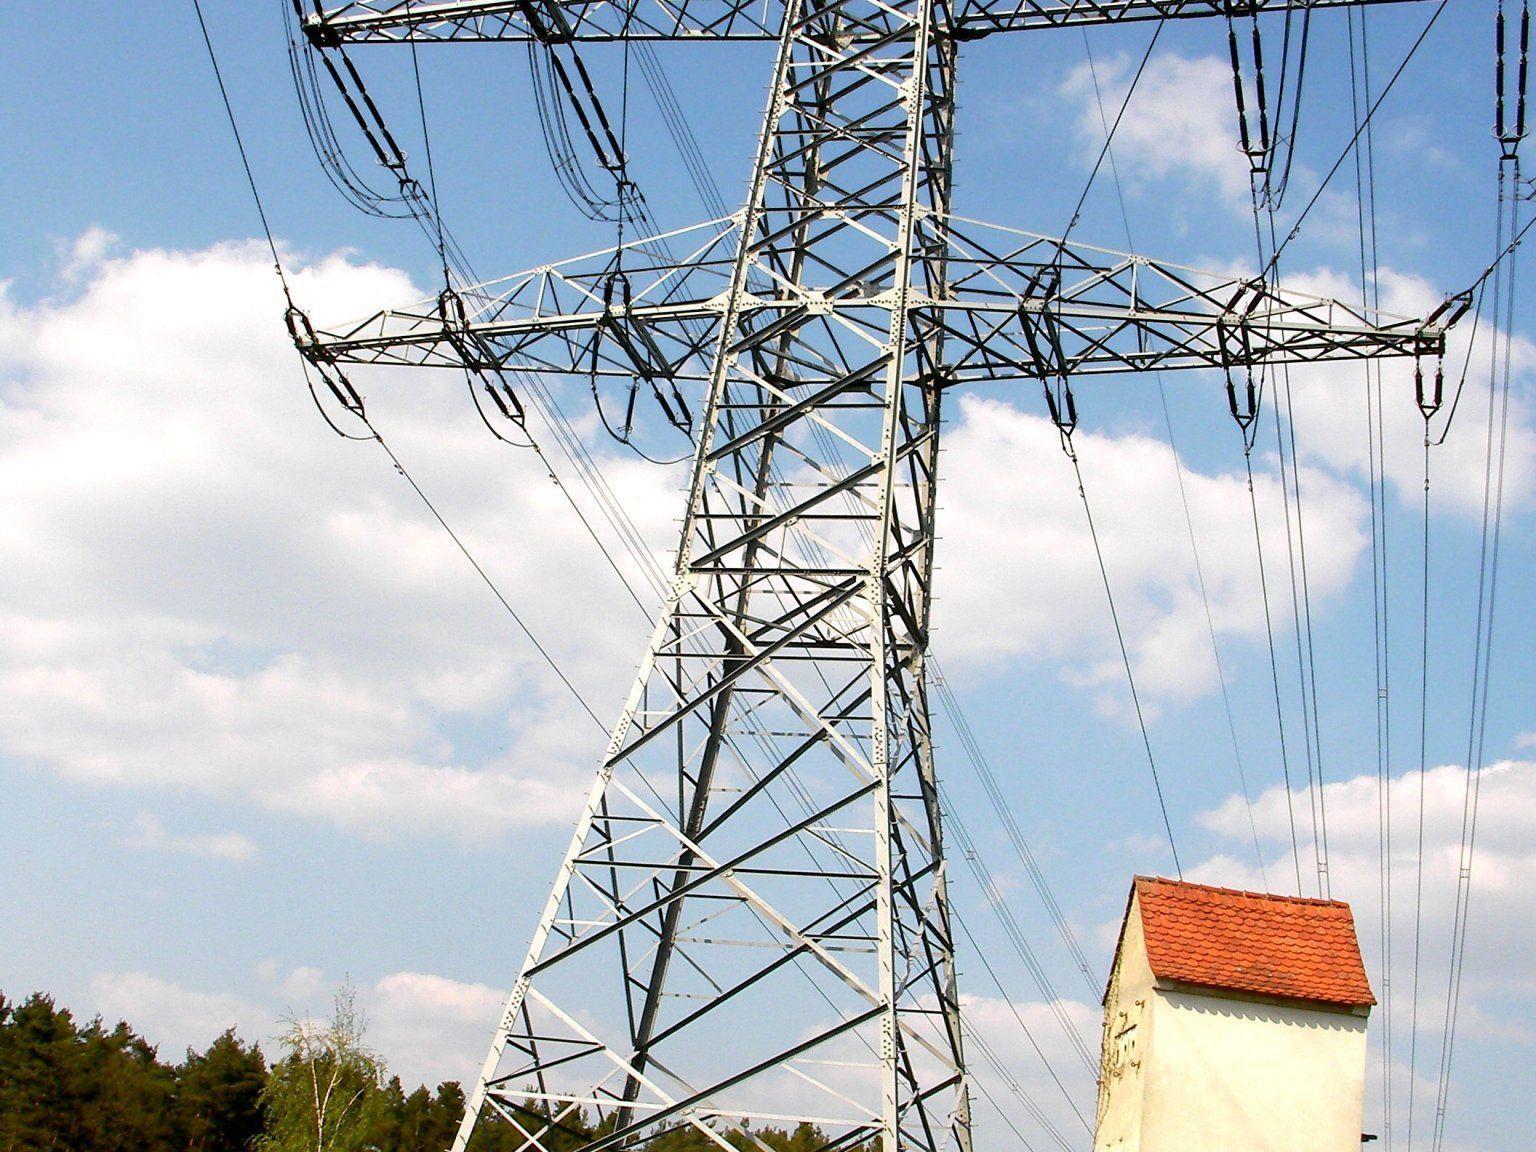 Ein schadhaftes Kabel verursachte den Blackout in Alsergrund